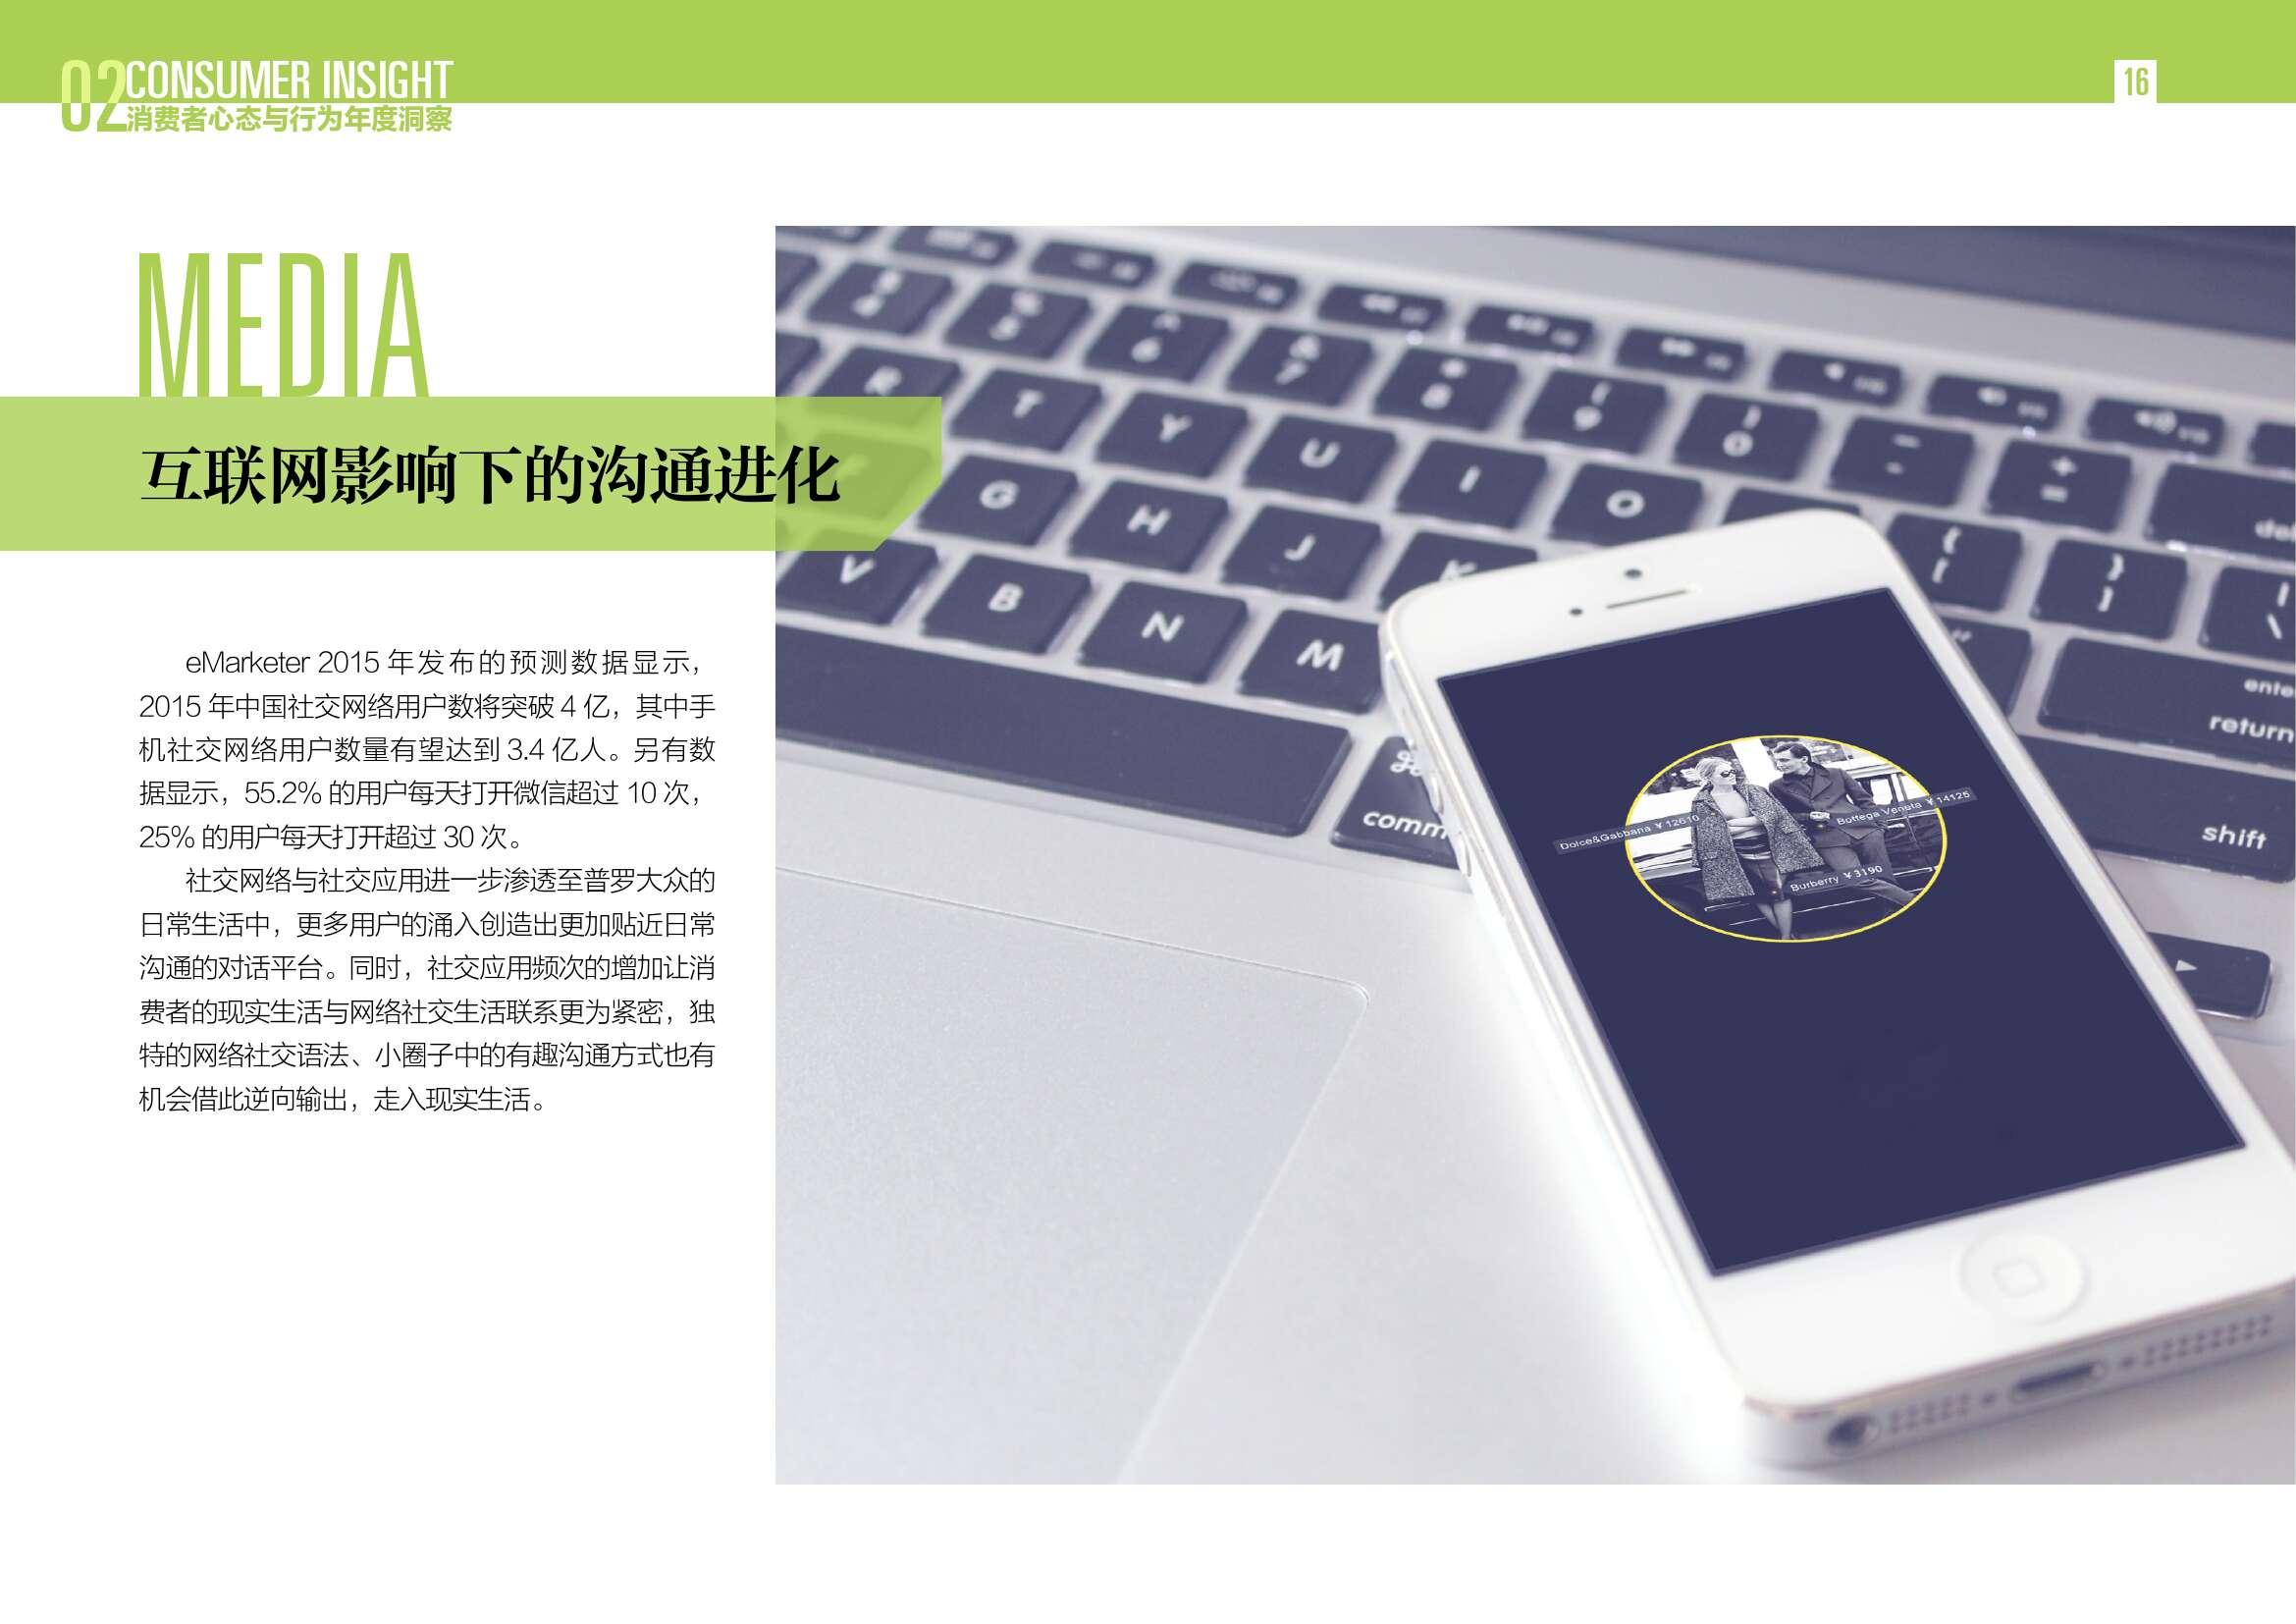 2016中国数字营销行动报告_000016